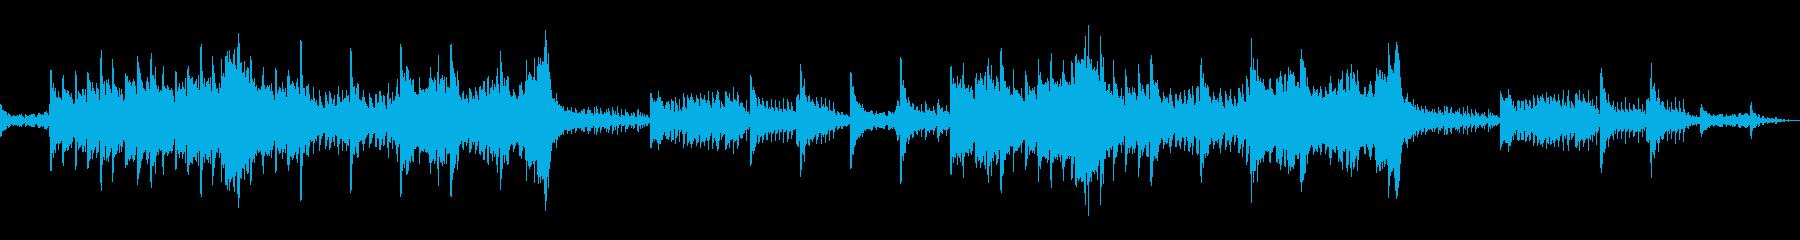 ケルト×和風なファンタジー風BGMの再生済みの波形